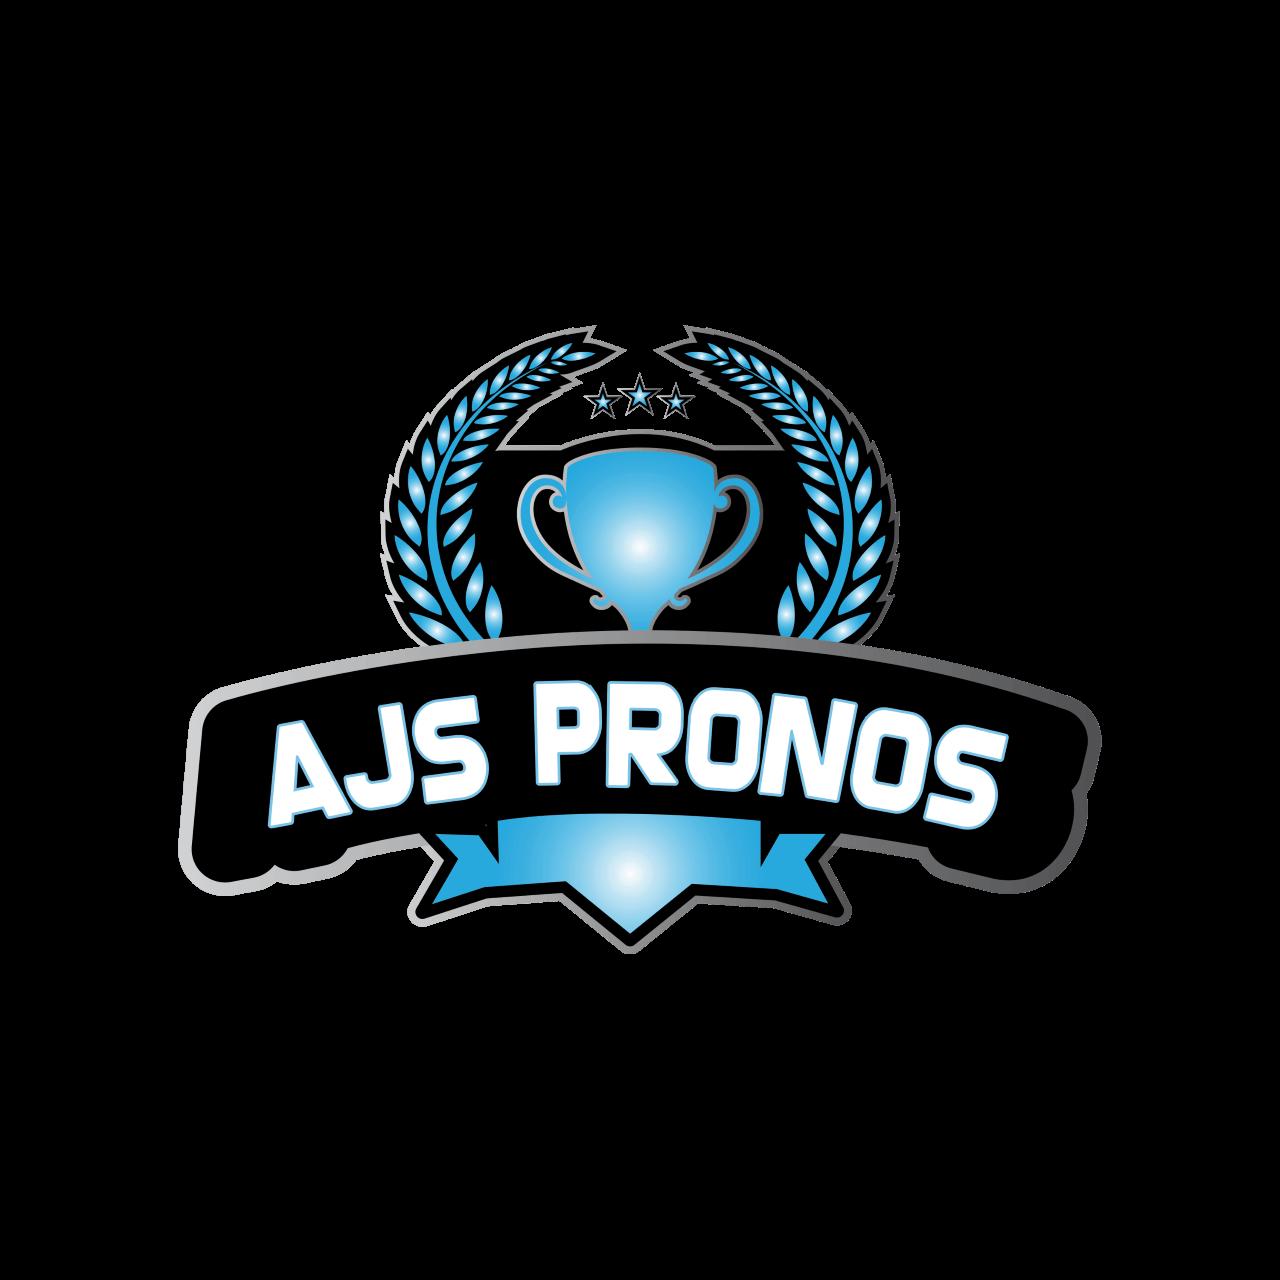 AJS Pronos